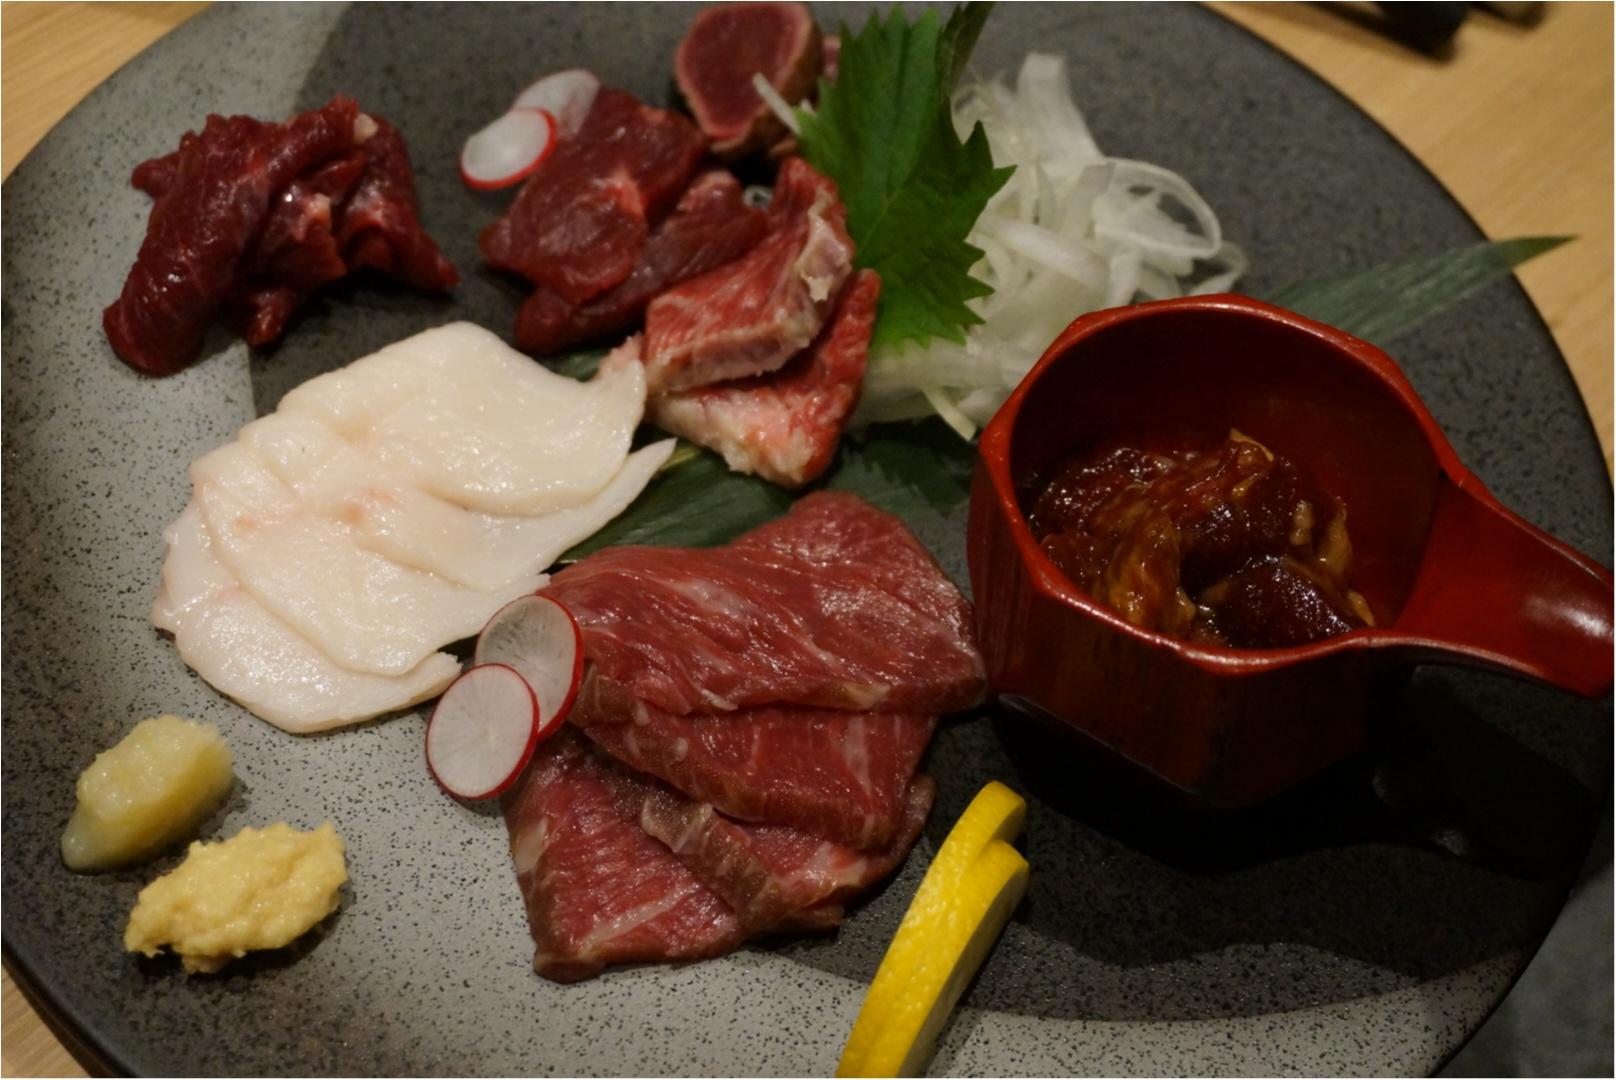 【モアハピ女子会♪】肉をがっつり食べるなら脂肪分がわずか牛の約5分の1と言われるヘルシーで美容にもいい《馬肉》はいかが(◍ ´꒳` ◍)b?_6